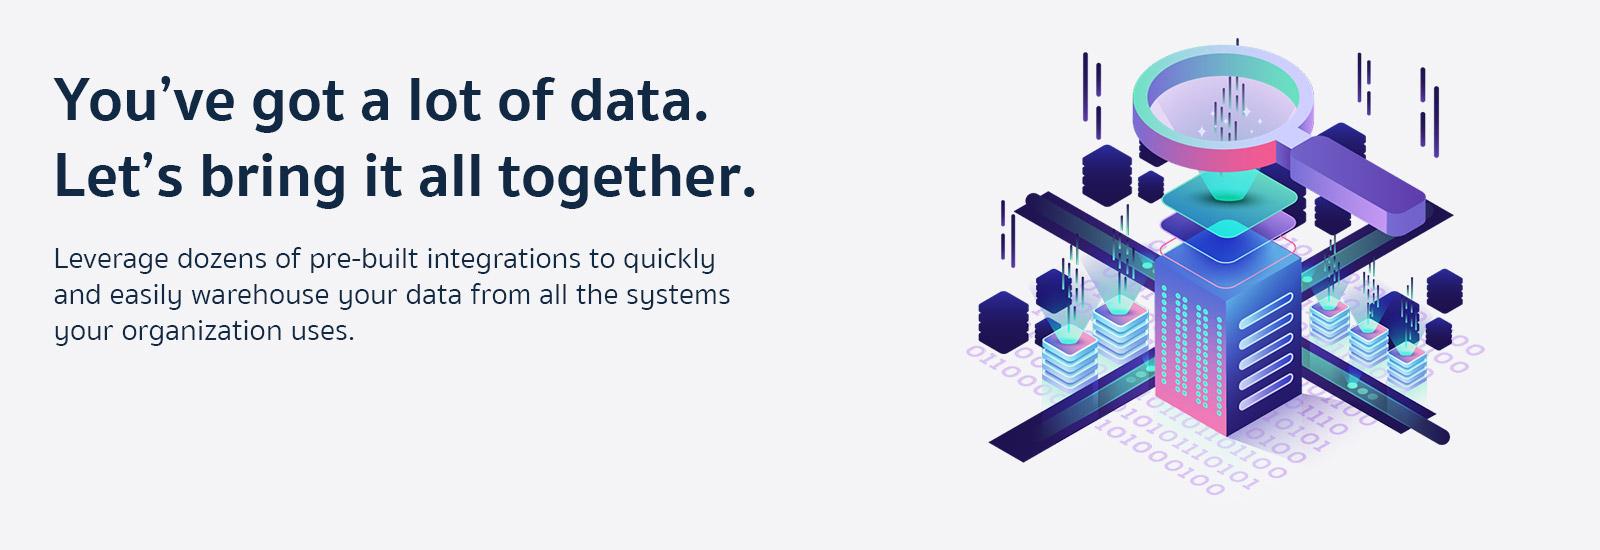 DMI - Data Warehousing